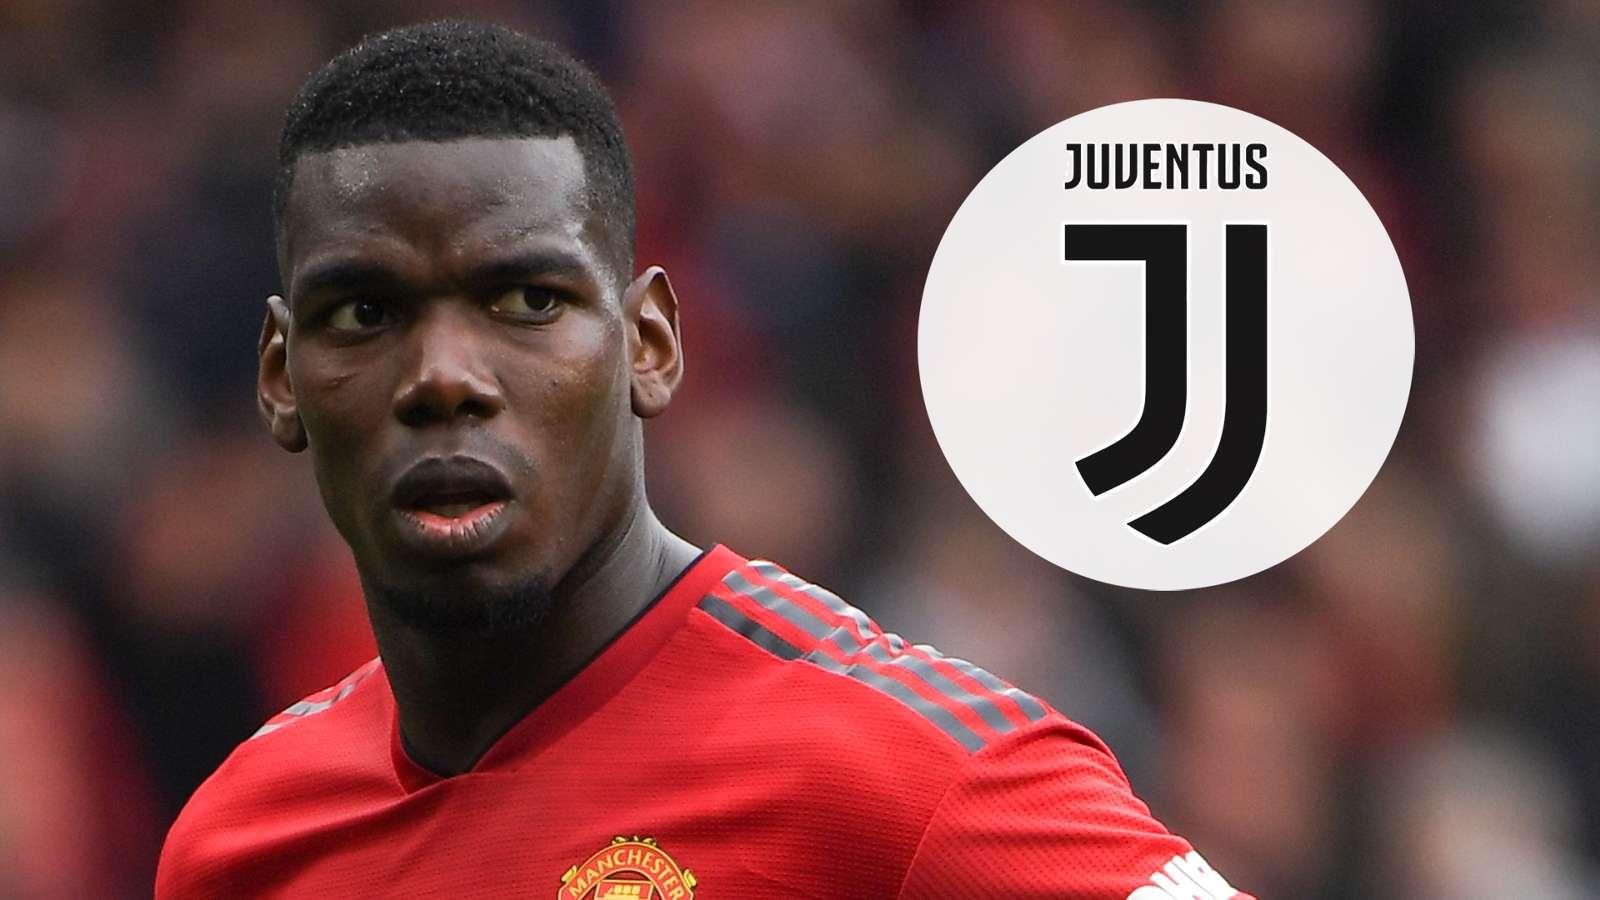 Juventus Meningkatkan Tawaran menjadi 140 Juta Euro untuk Pogba